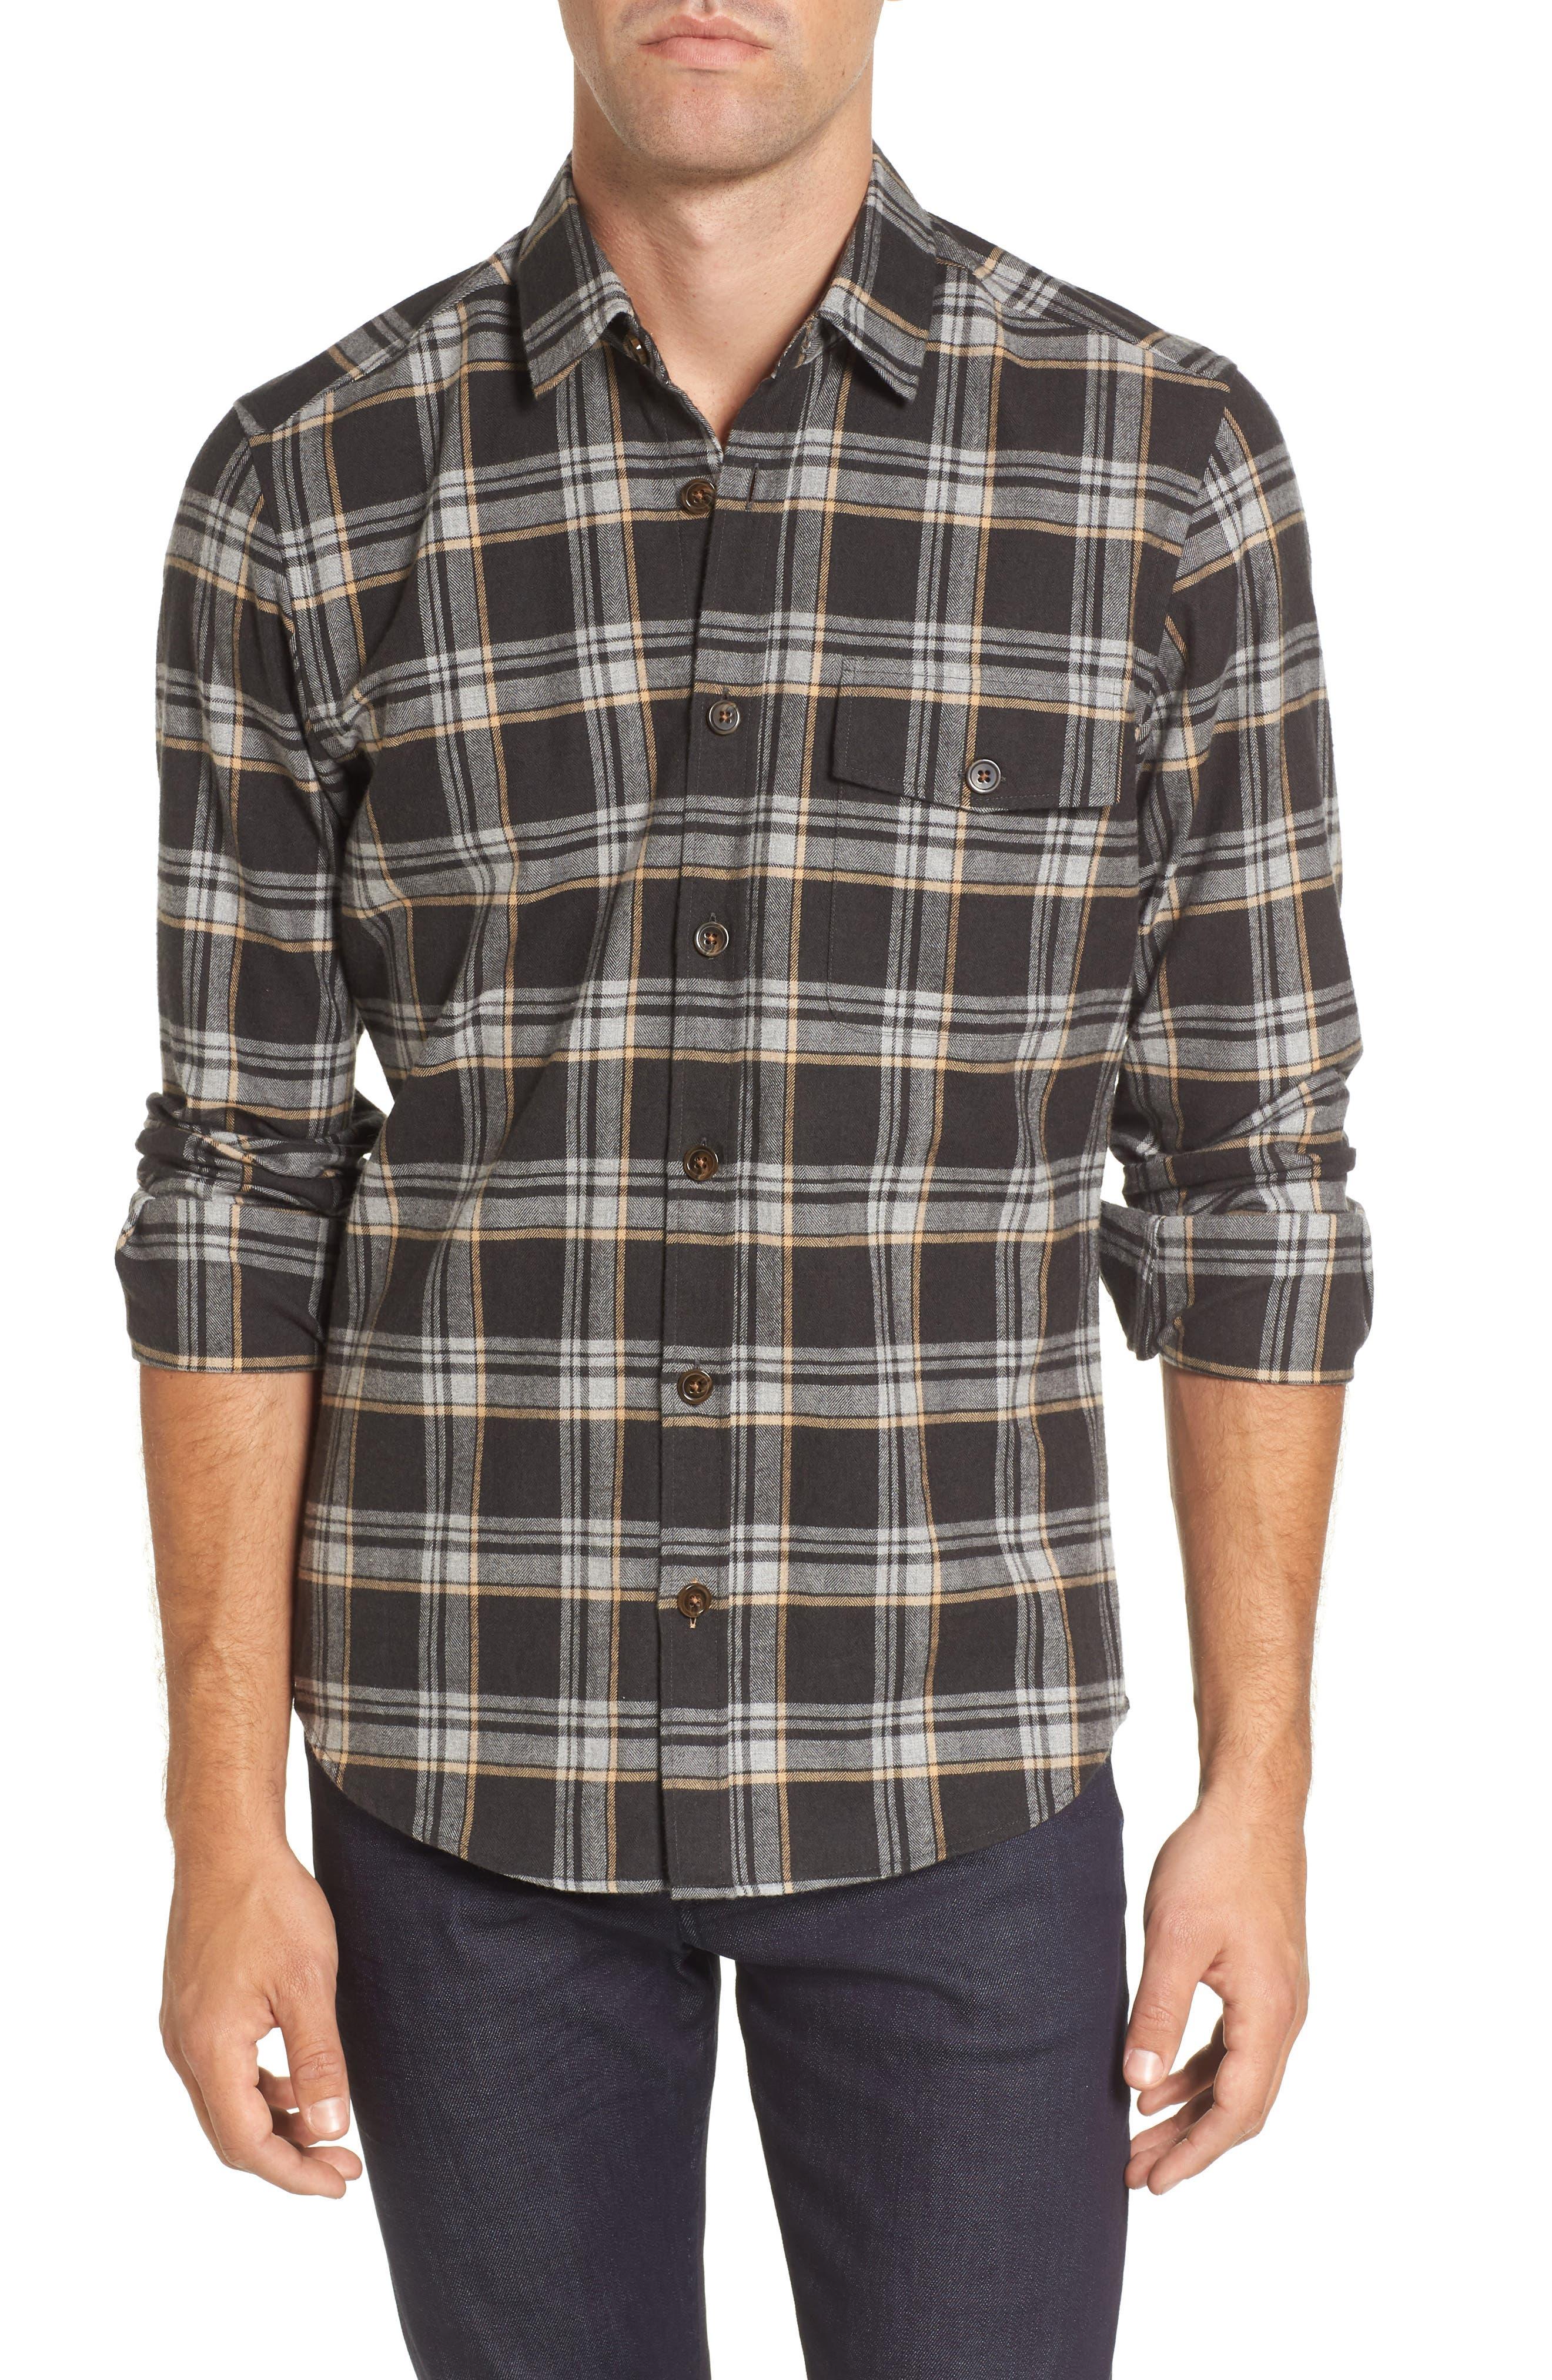 Lalo Plaid Flannel Shirt,                             Main thumbnail 1, color,                             262